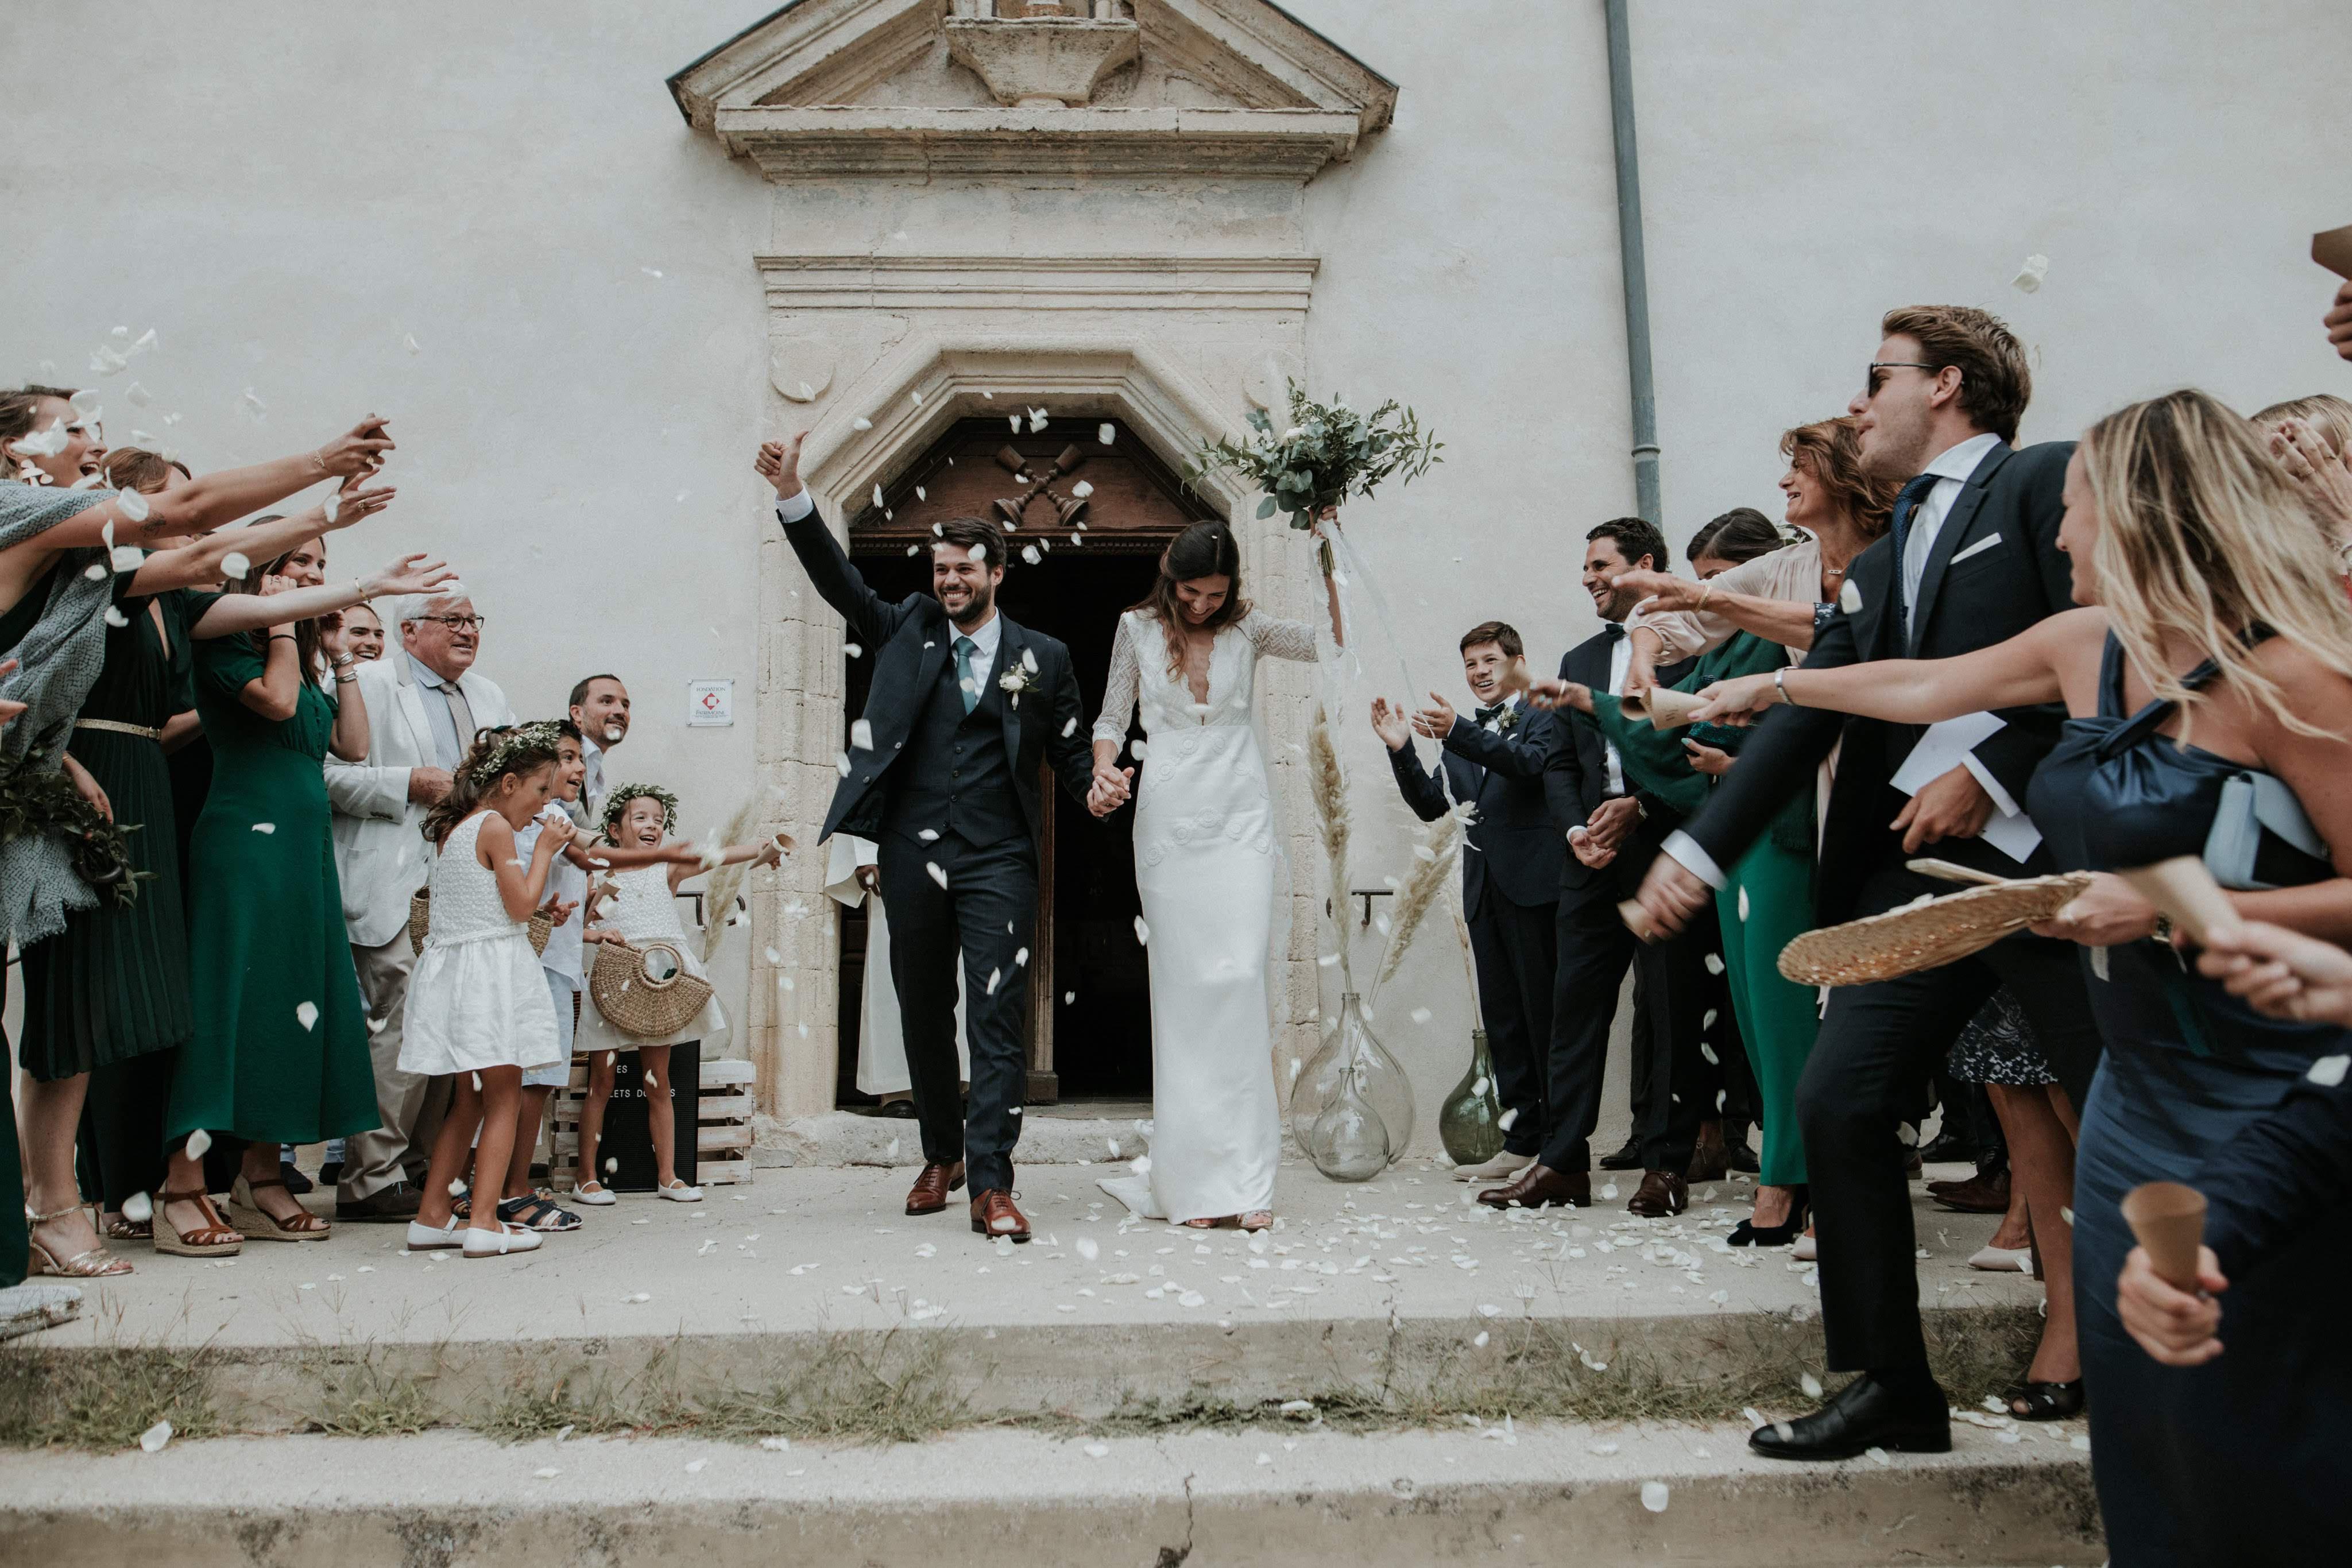 Atelier créatif spécialisé en décoration de mariages et moments heureux